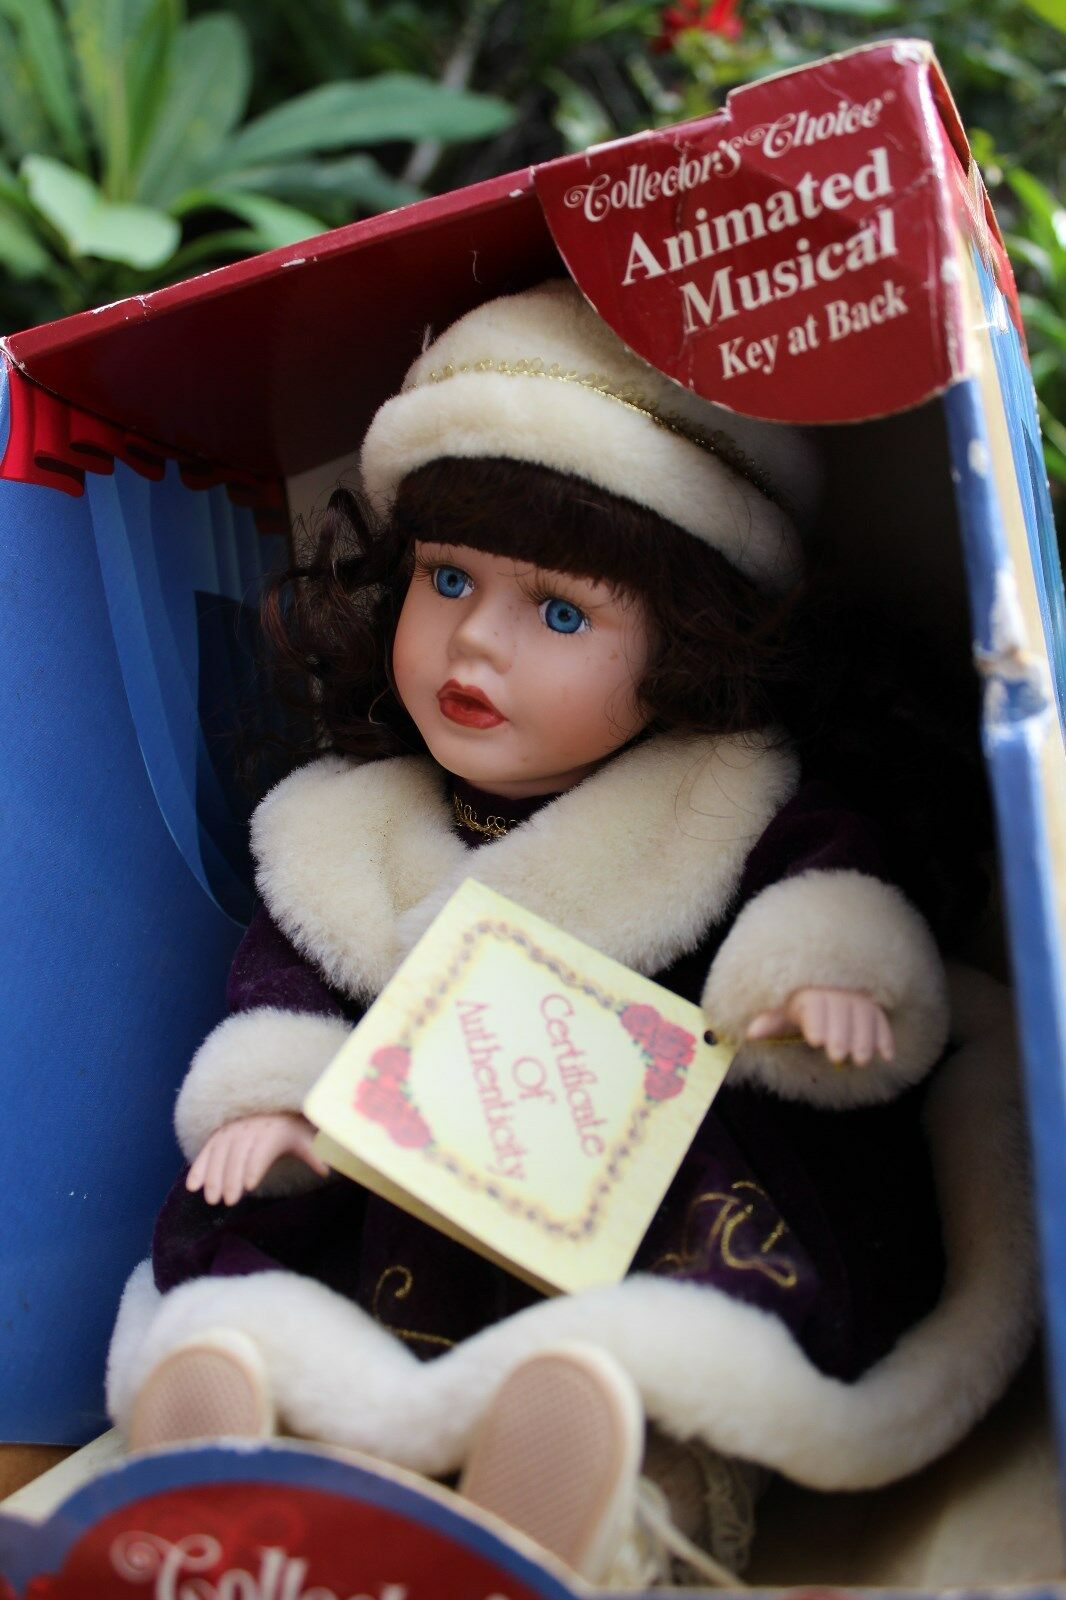 Da collezione fine porcellana biscuit Bambola Musicale scelta da collezione in inverno pelliccia